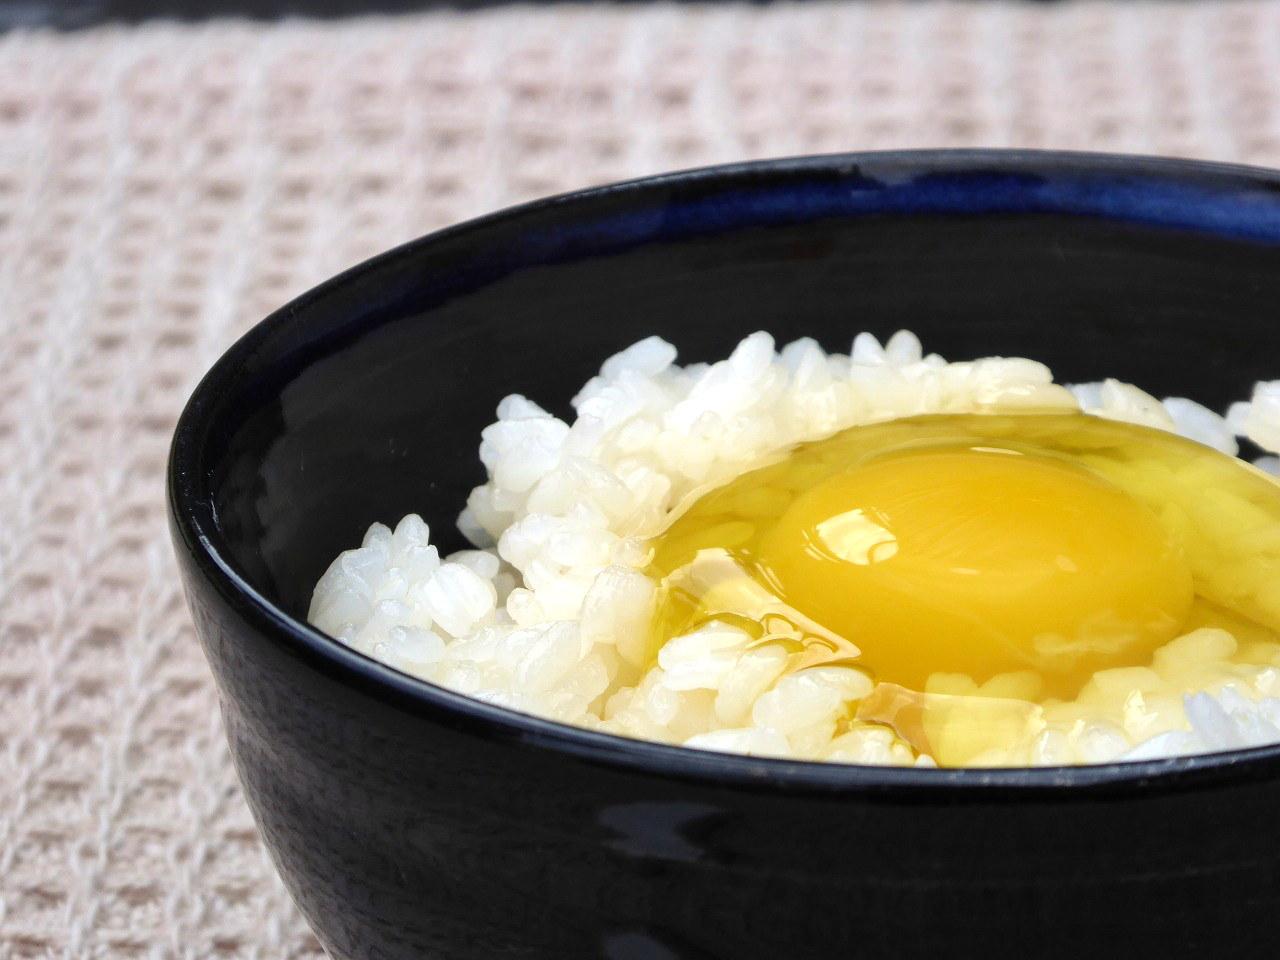 「山口県楠でぼくらが作った卵」の黄身と、鶏のエサについて